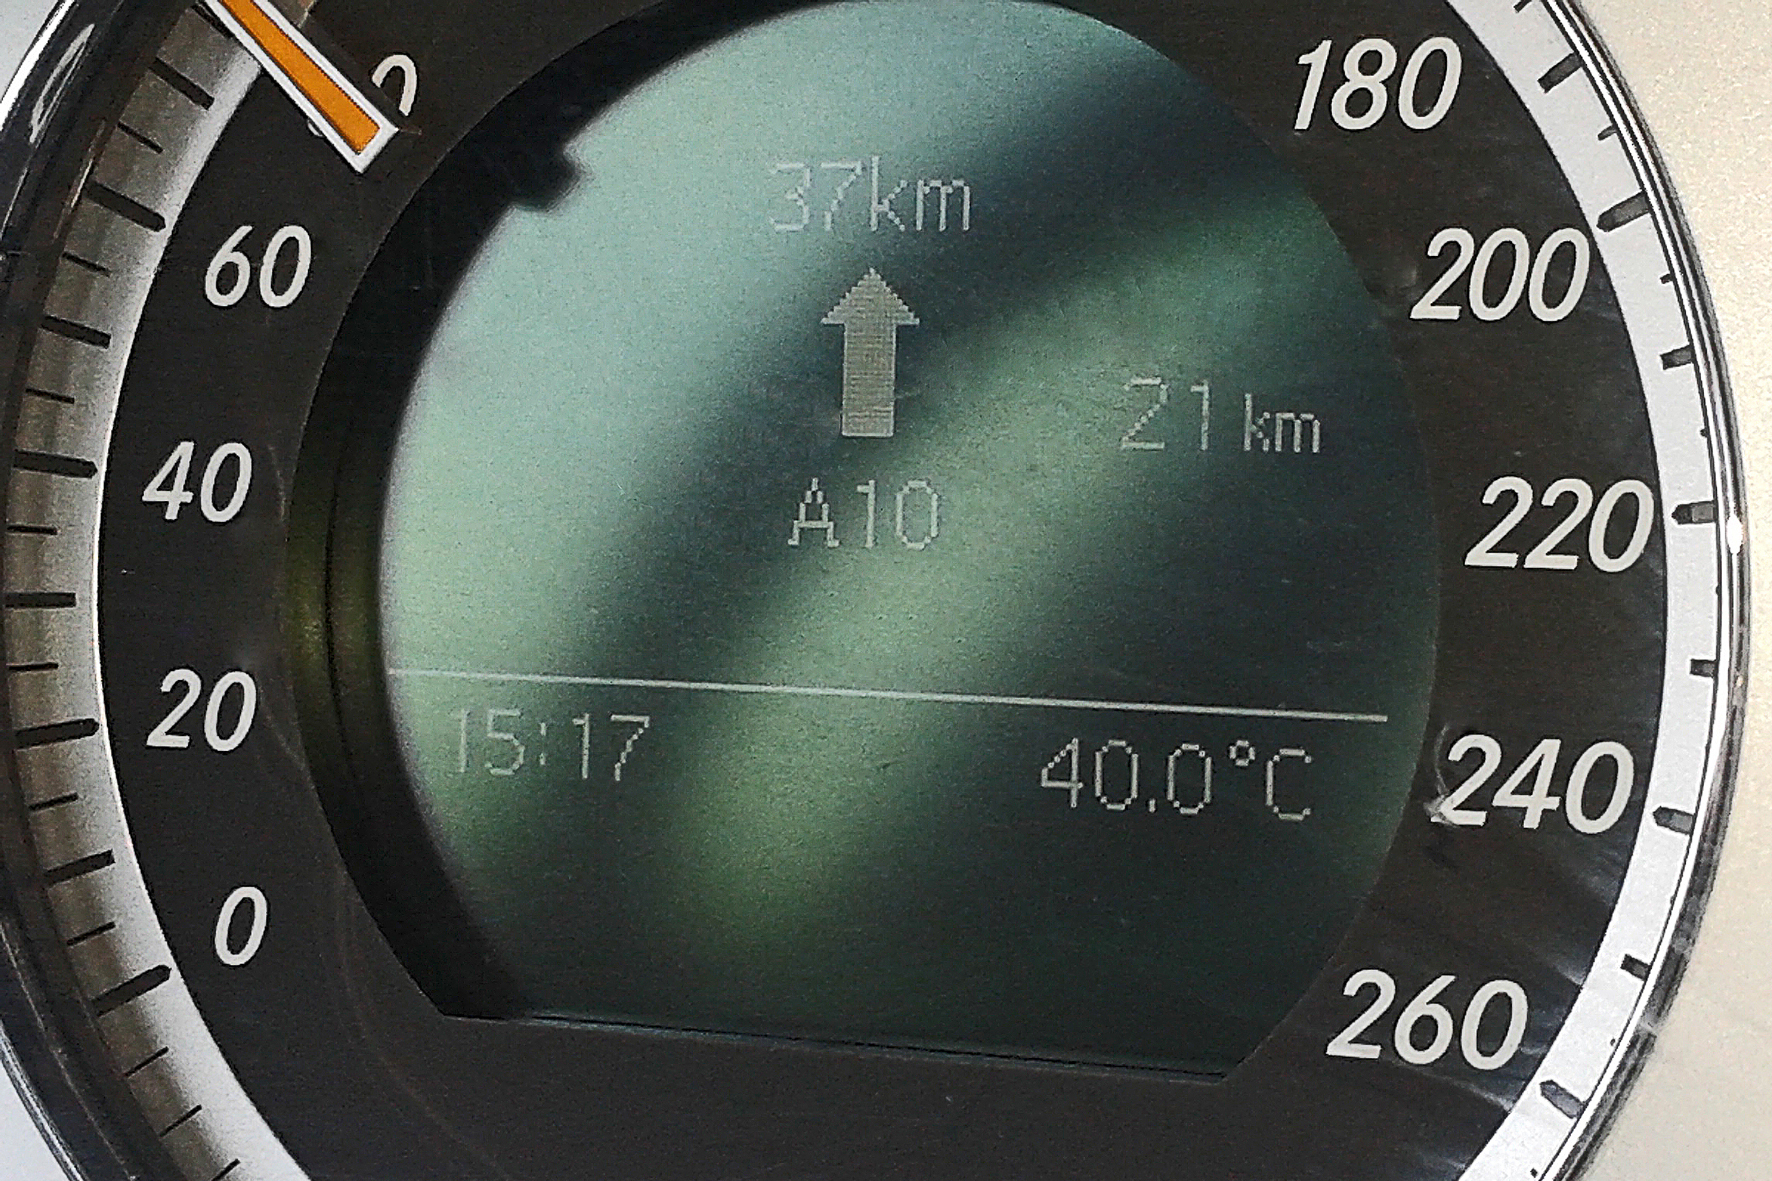 """mid Düsseldorf - 40 Grad und ein Pkw mit Winterreifen? Experten warnen: Das """"Aufbrauchen"""" von fast abgefahrenen Winter-Pneus im Sommer stellt ein erhebliches Sicherheitsrisiko dar."""